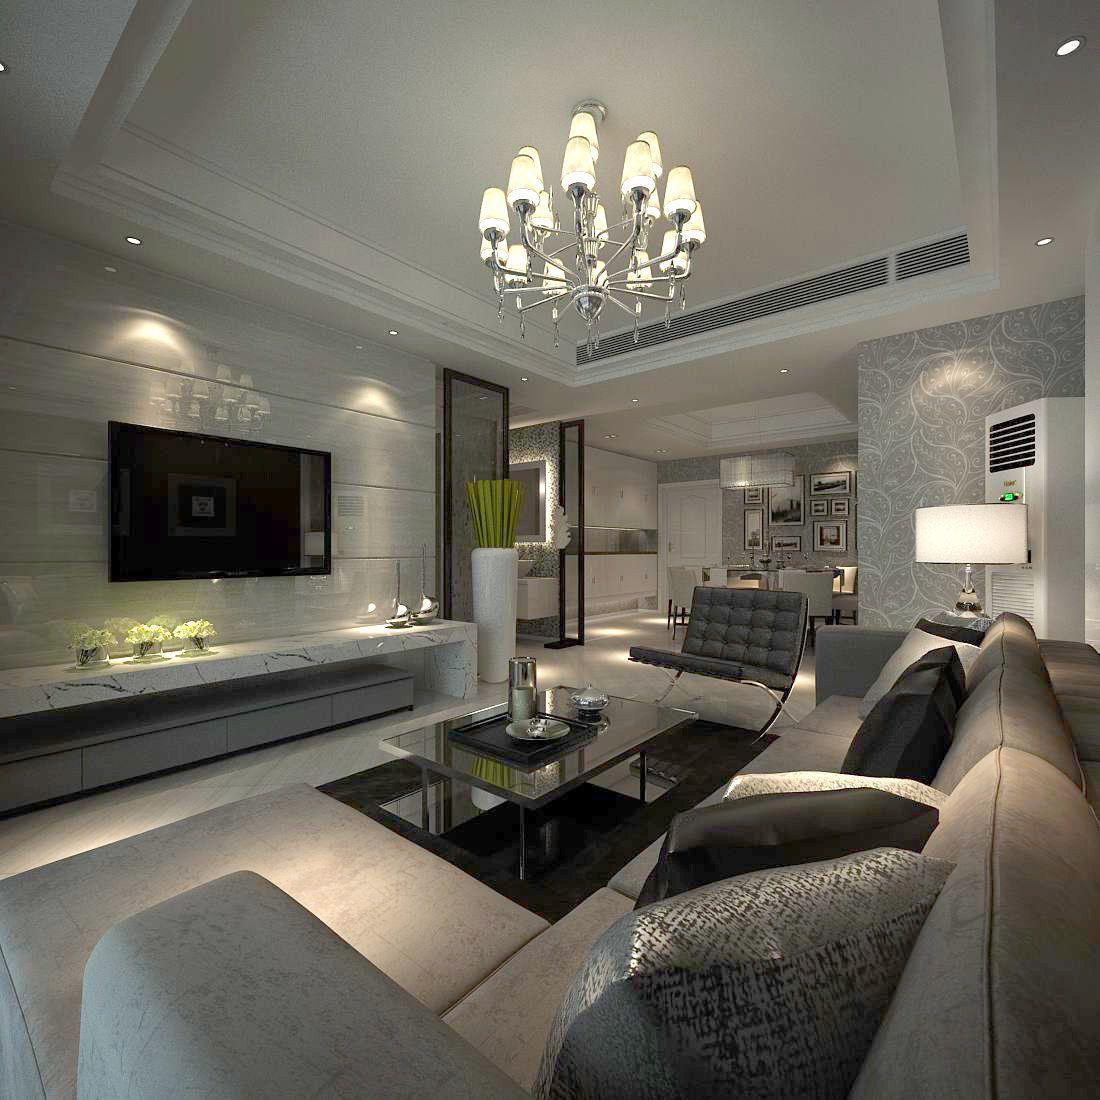 Avant Garde Luxury Family Living Room 34 3d Model In